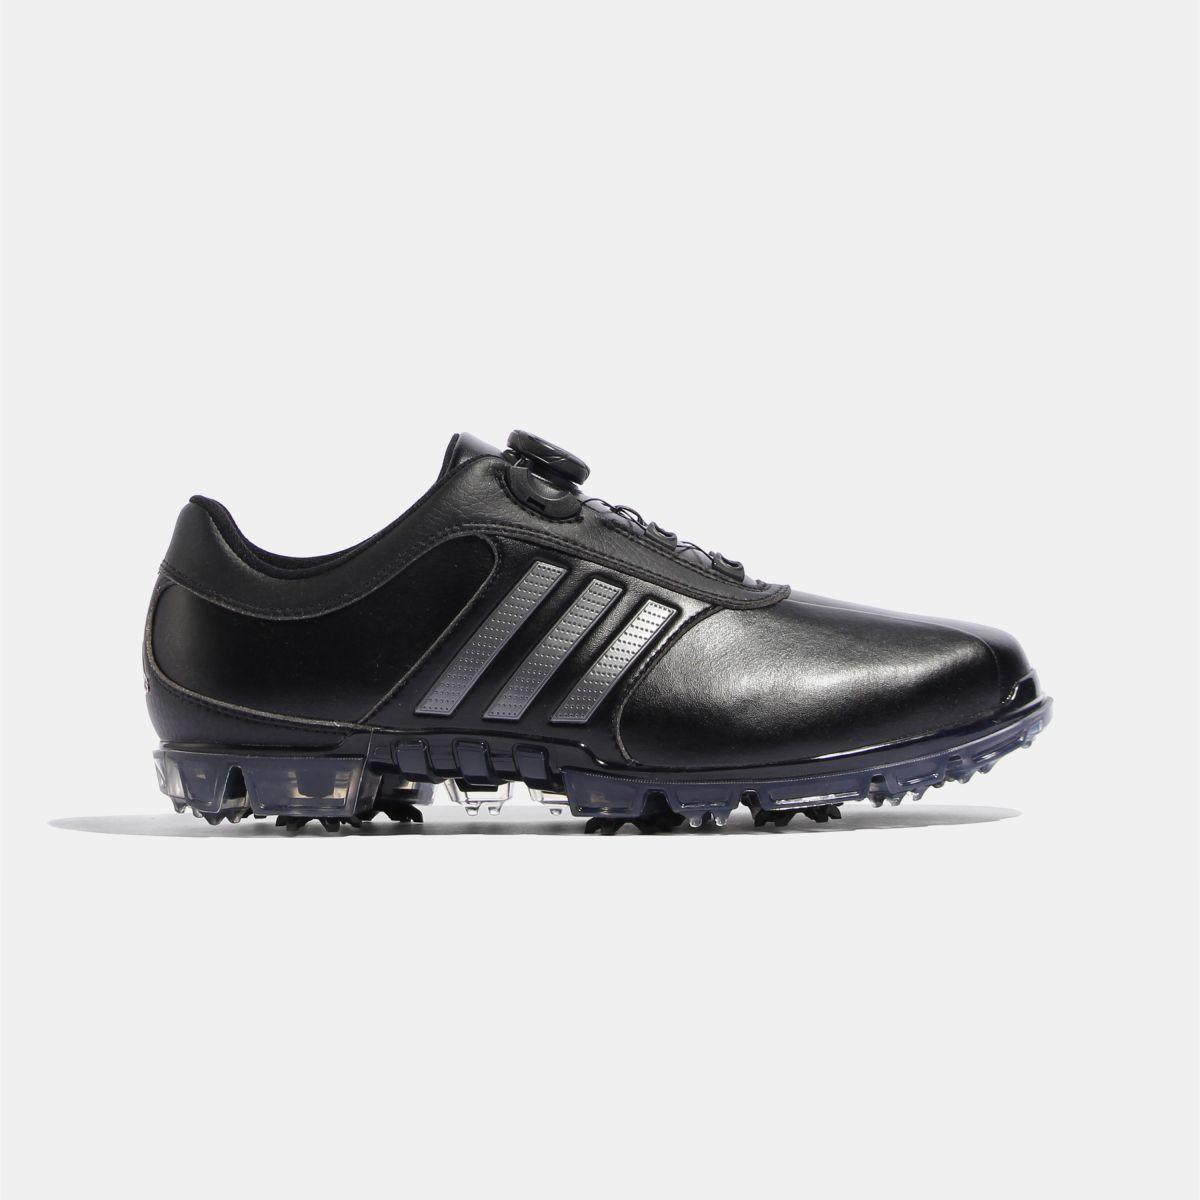 【公式】アディダス adidas ピュアメタル ボア プラス 【ゴルフ】 メンズ ゴルフ シューズ スポーツシューズ Q44898